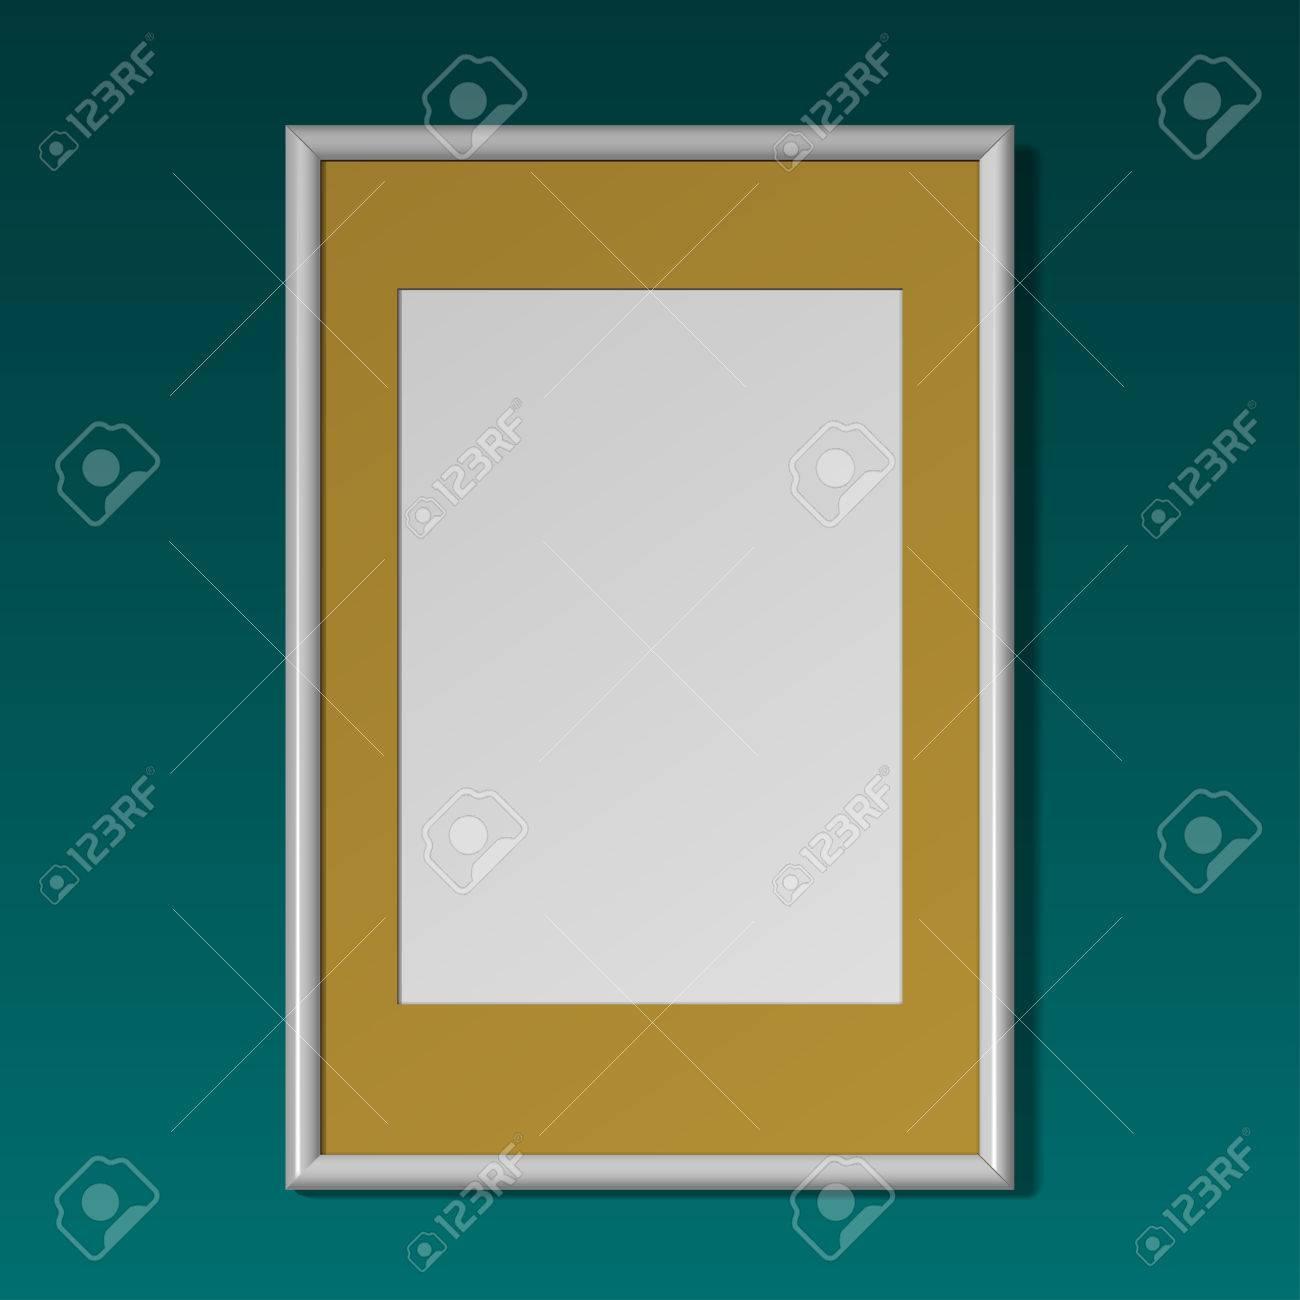 Realistische Vertikale Rahmen Für Bilder Oder Fotografien An Der ...